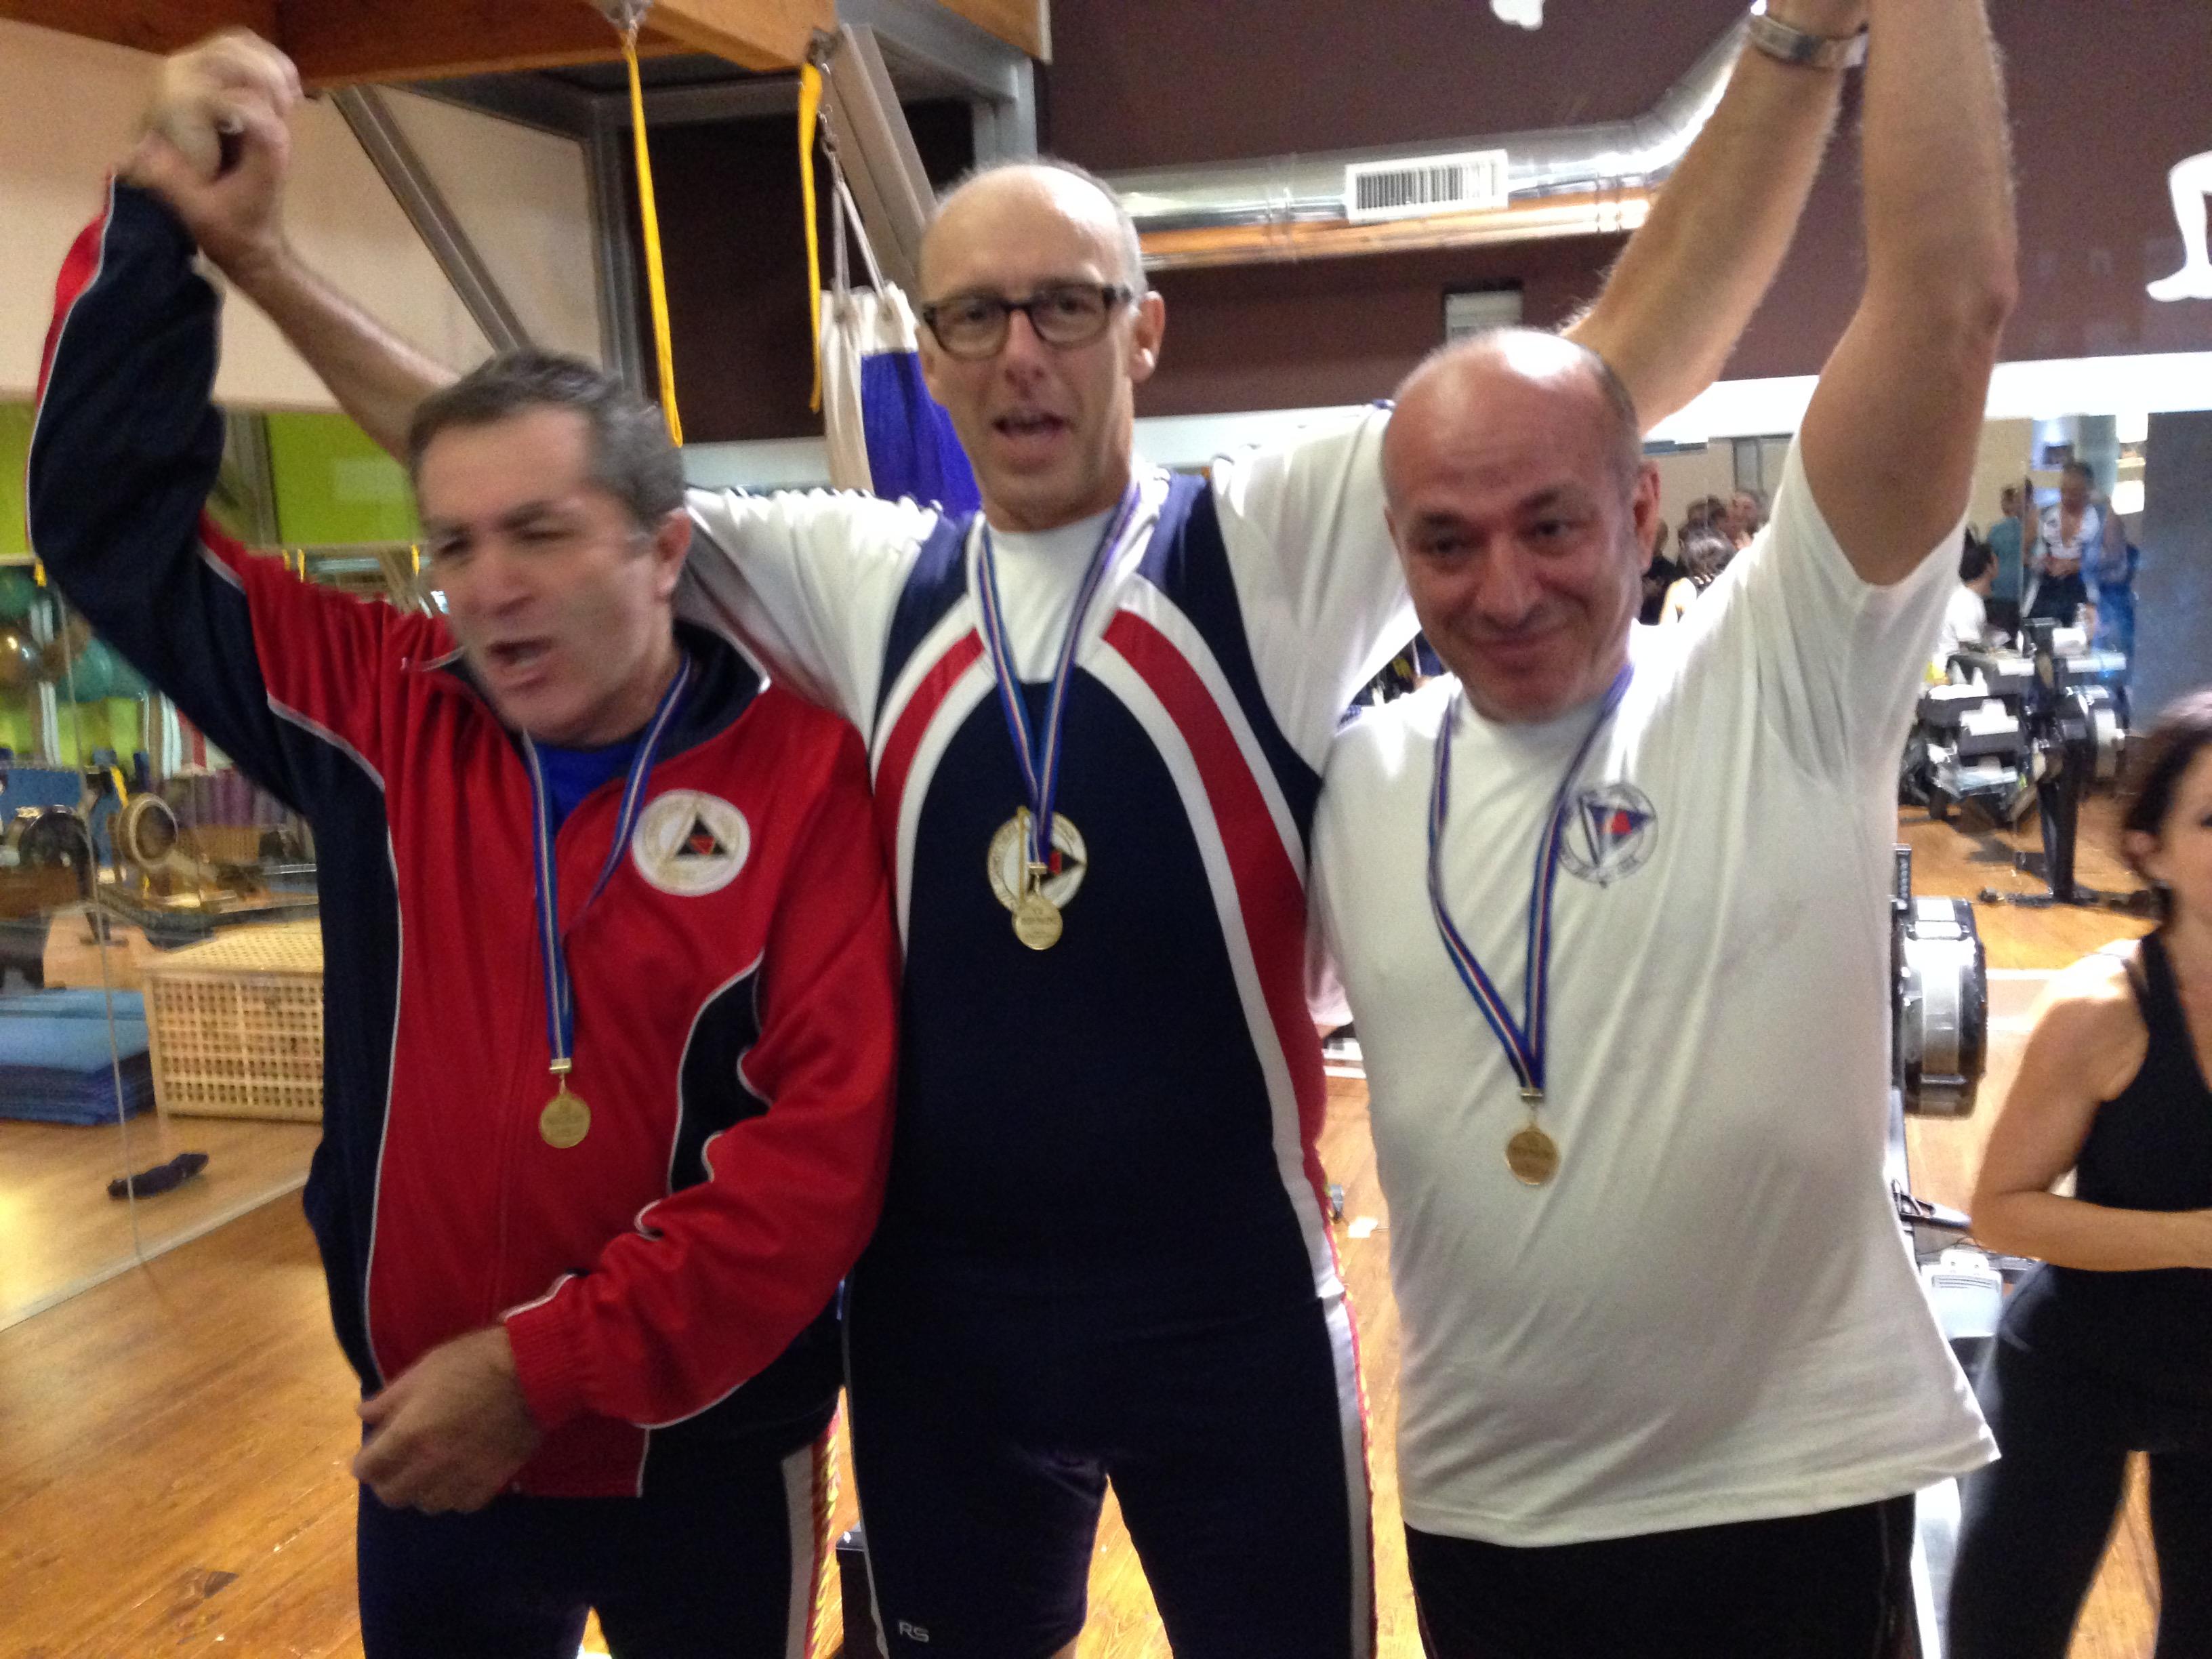 solidarietà sportiva (3)